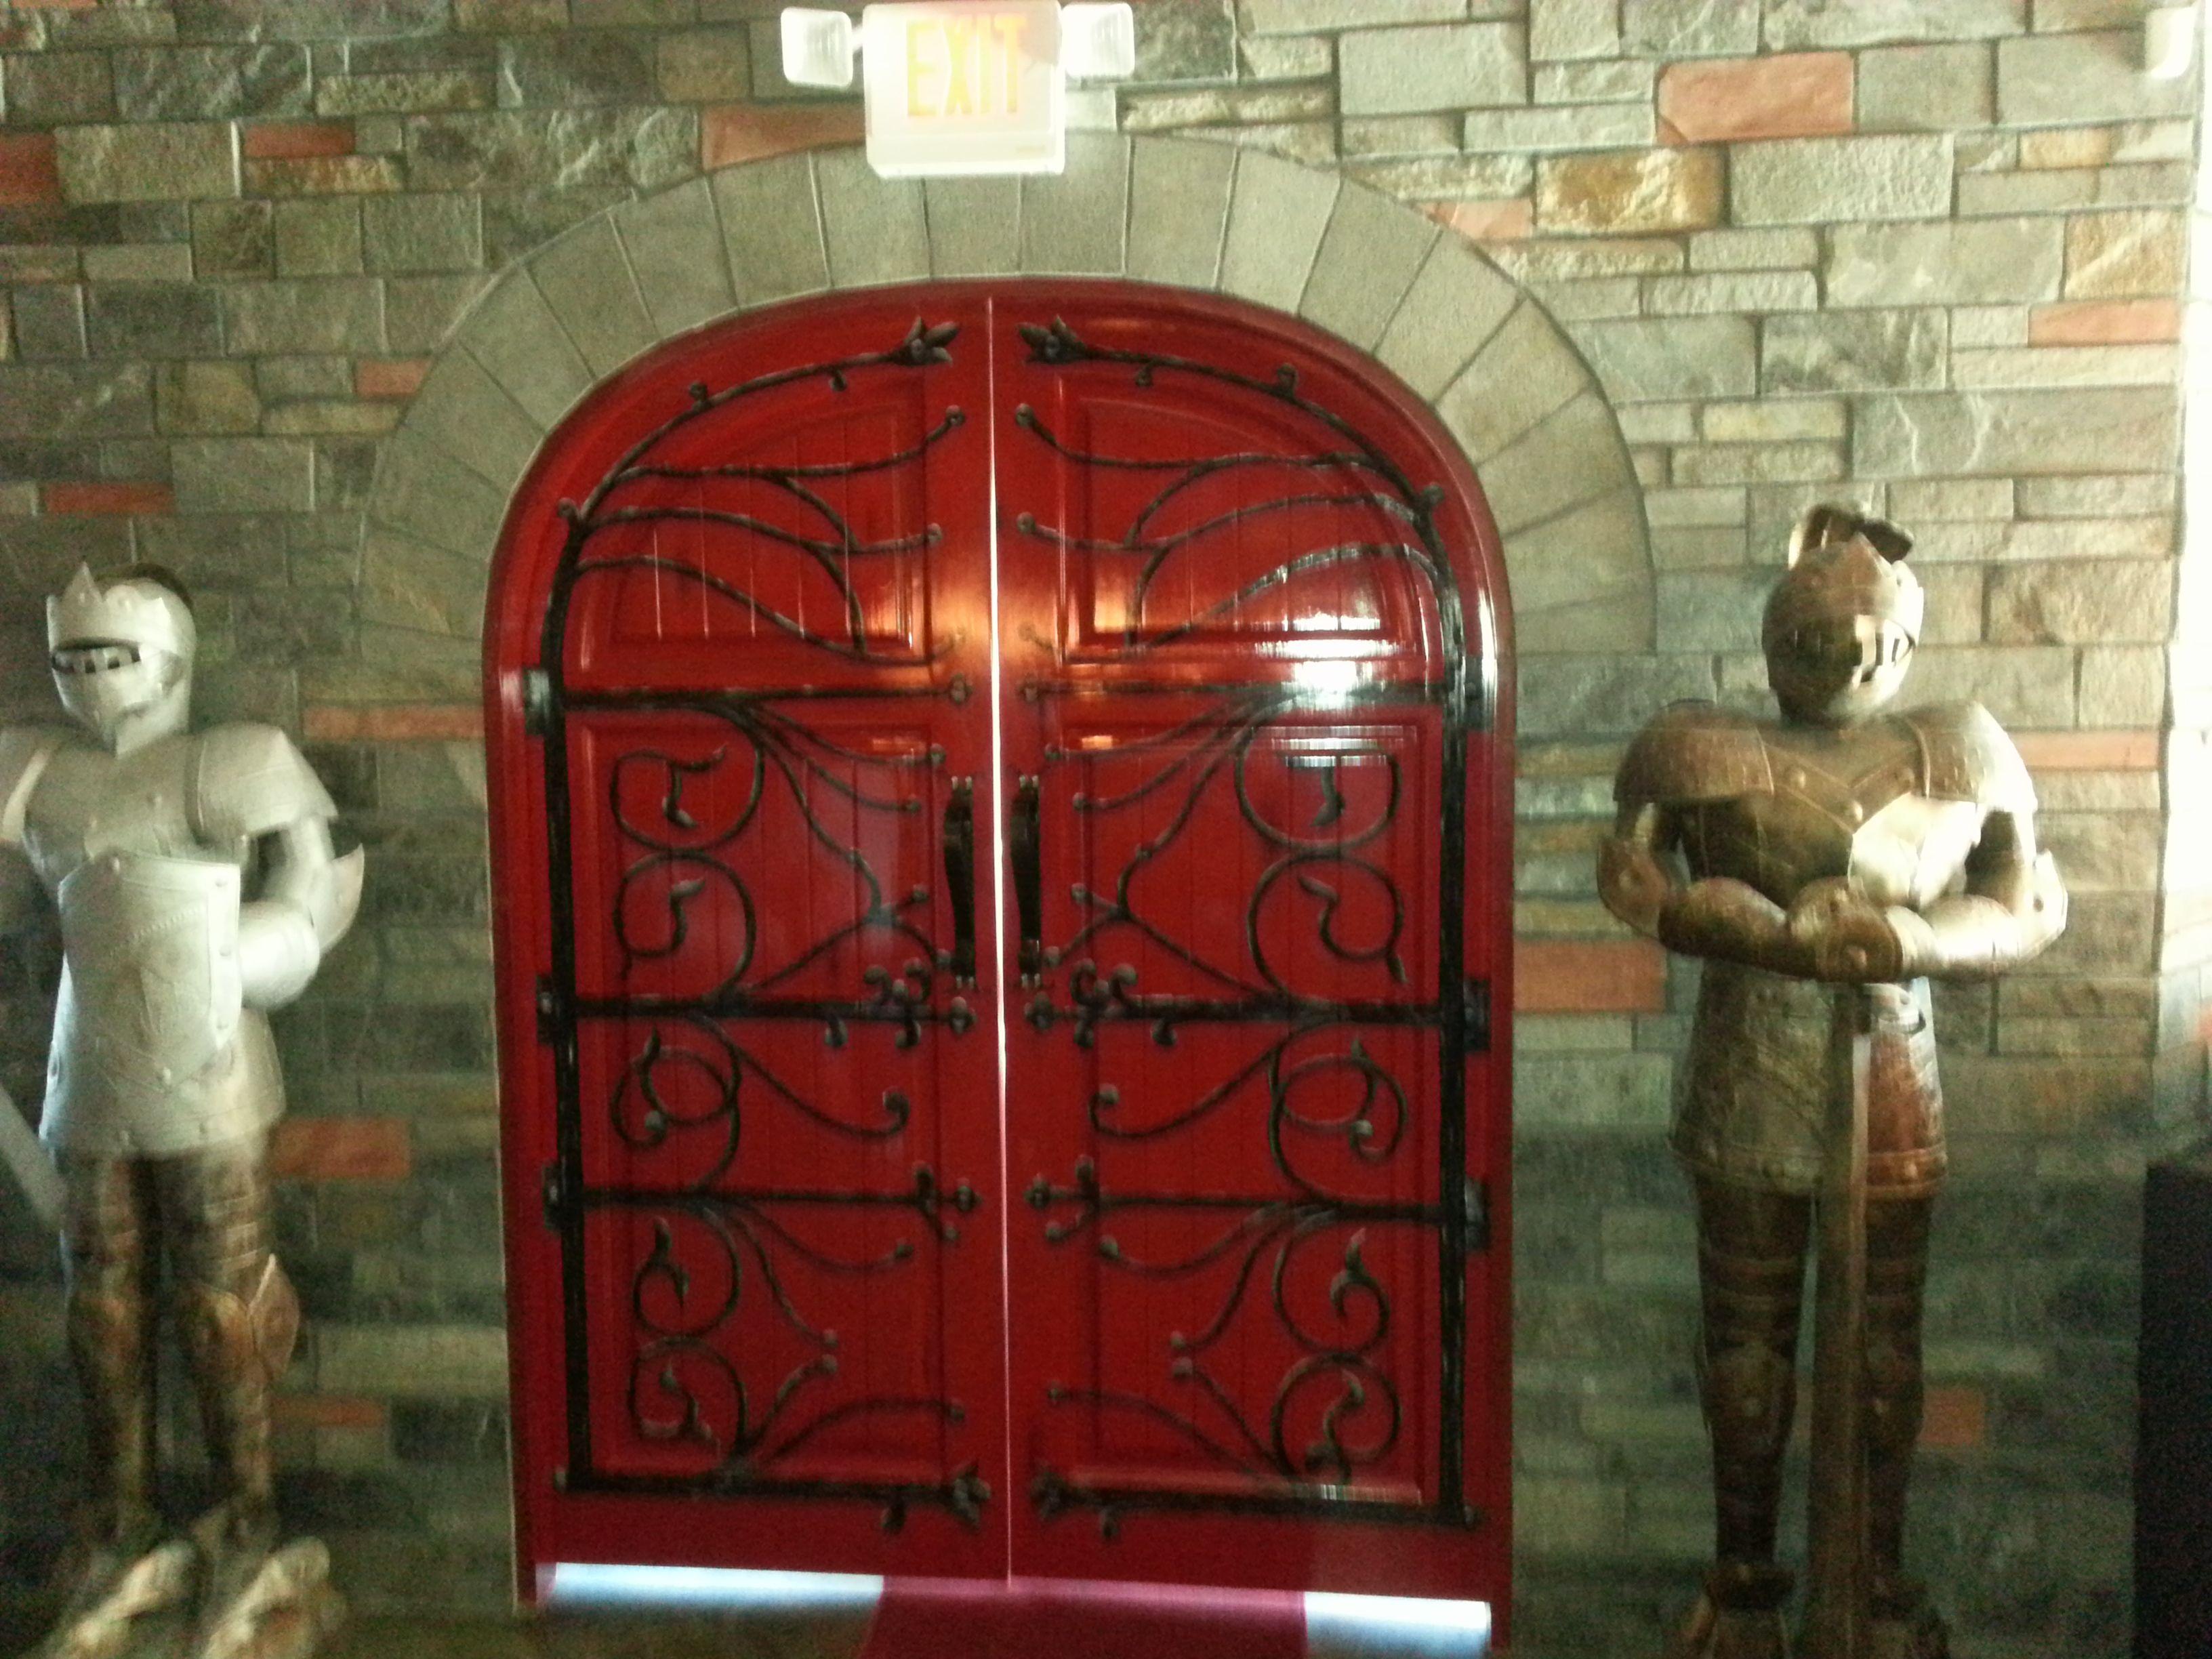 front door tavernFront door to Rooster Tavern in Scottsdale AZ  Cool bar in